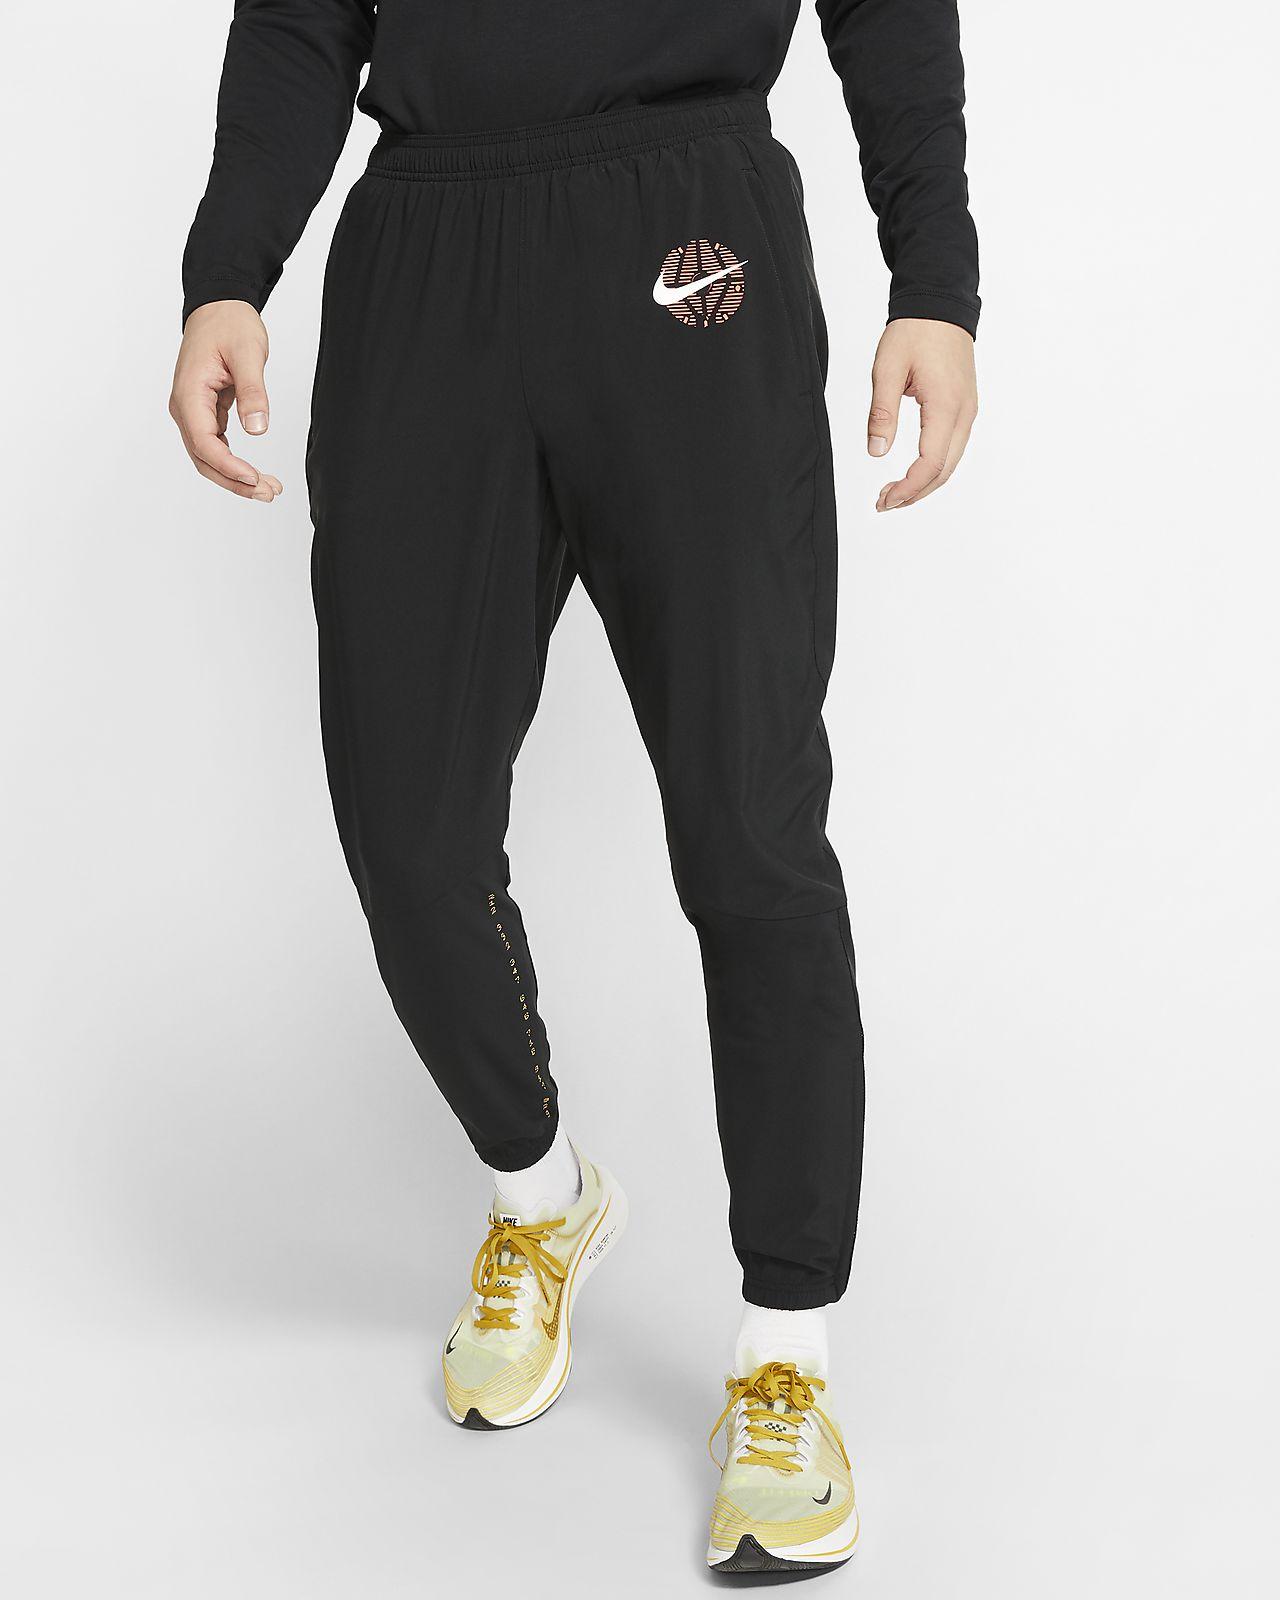 Pánské tkané běžecké kalhoty Nike NYC